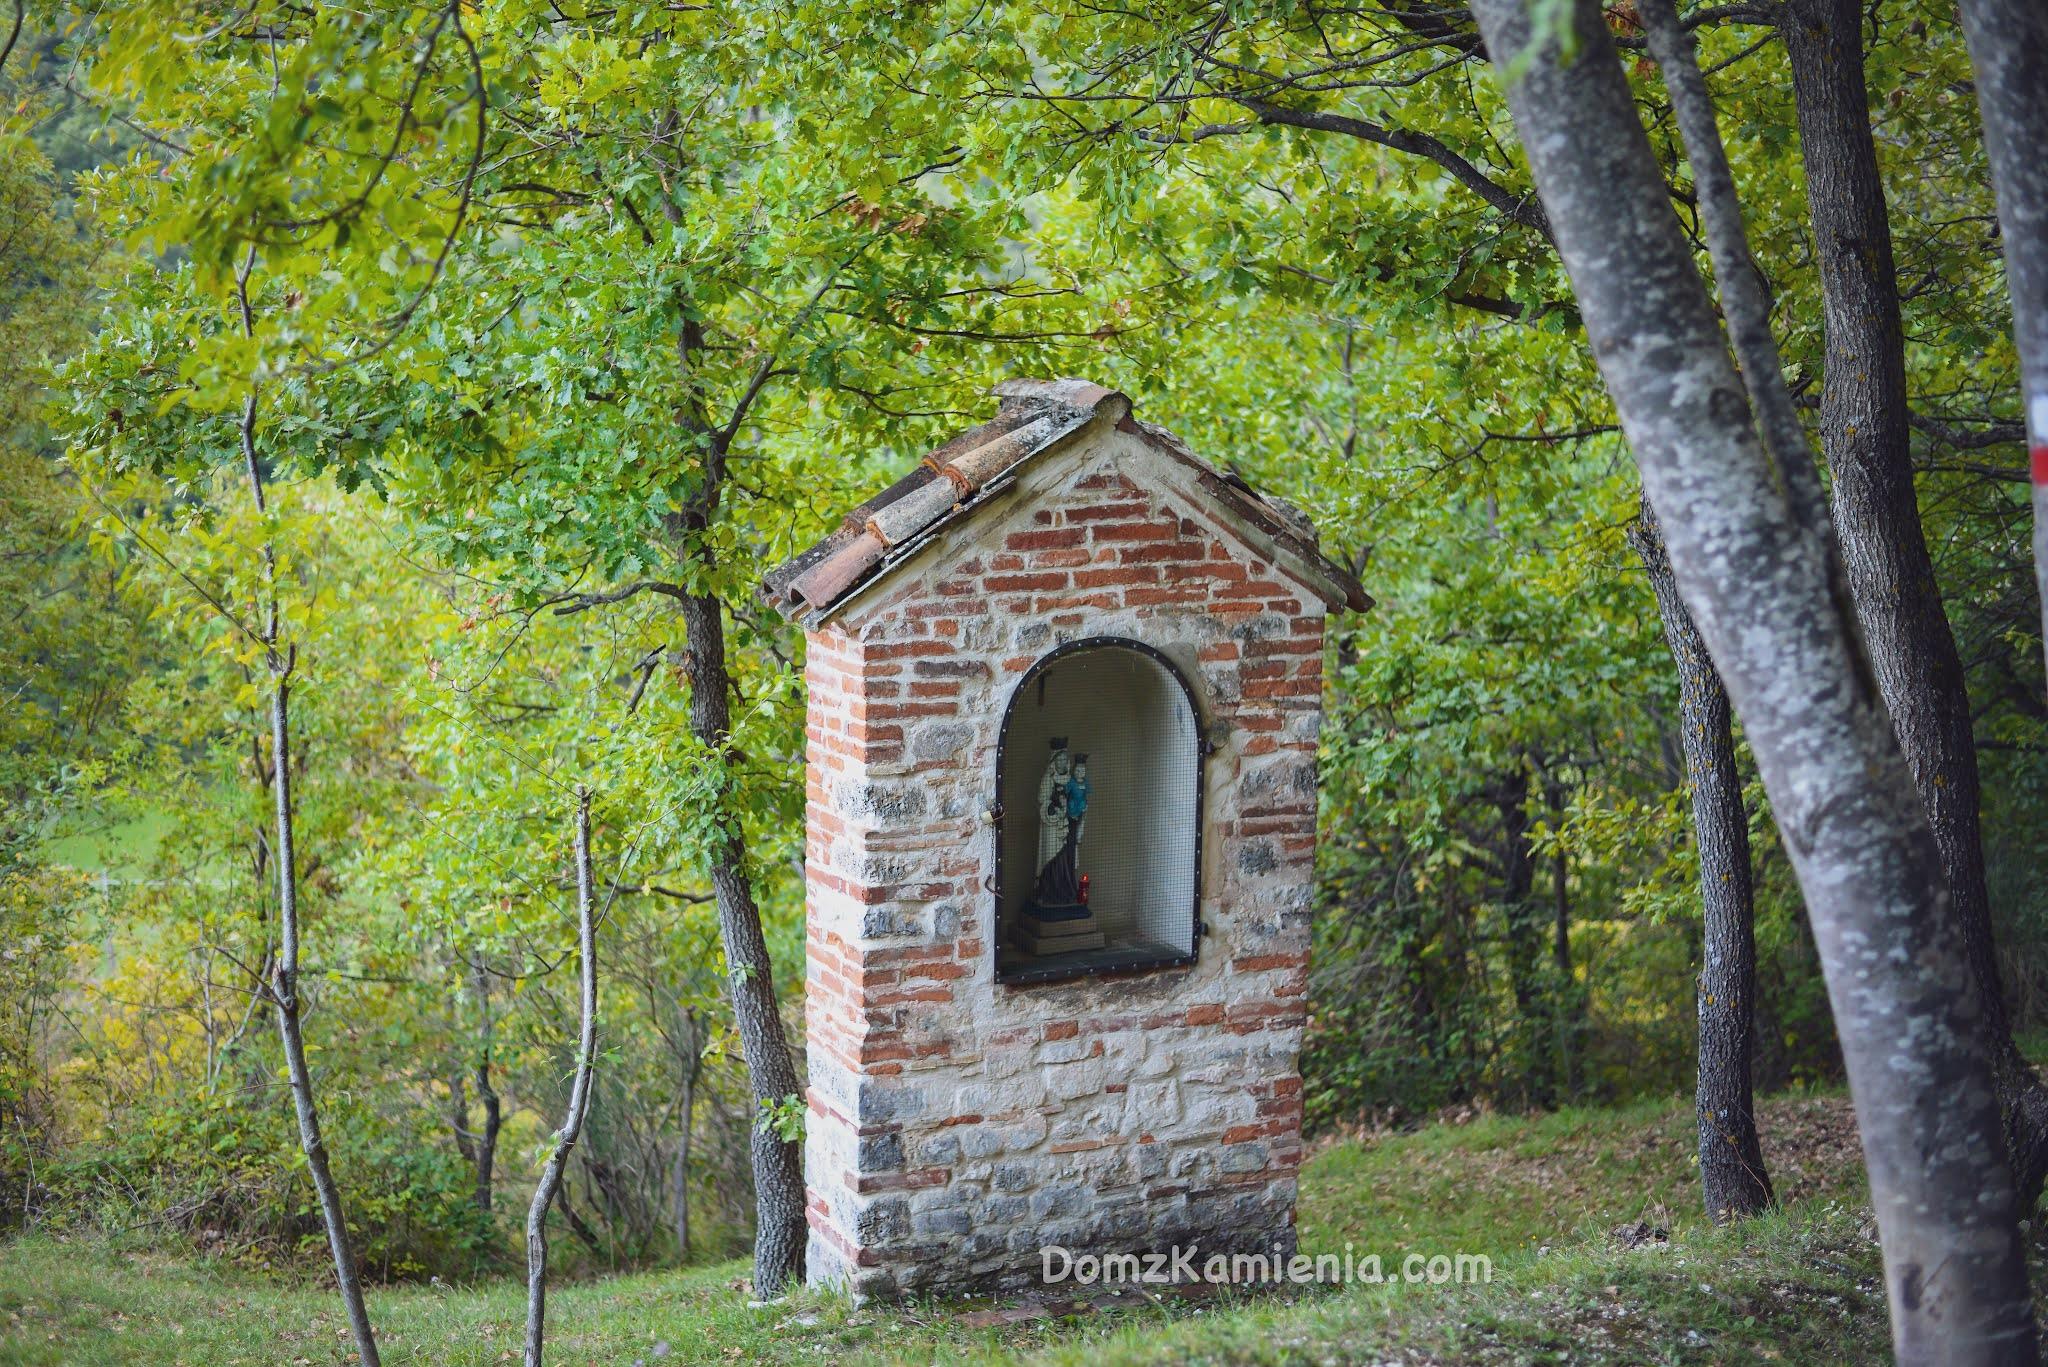 Marche - nieznany region Włoch, Elcito, Dom z Kamienia blog